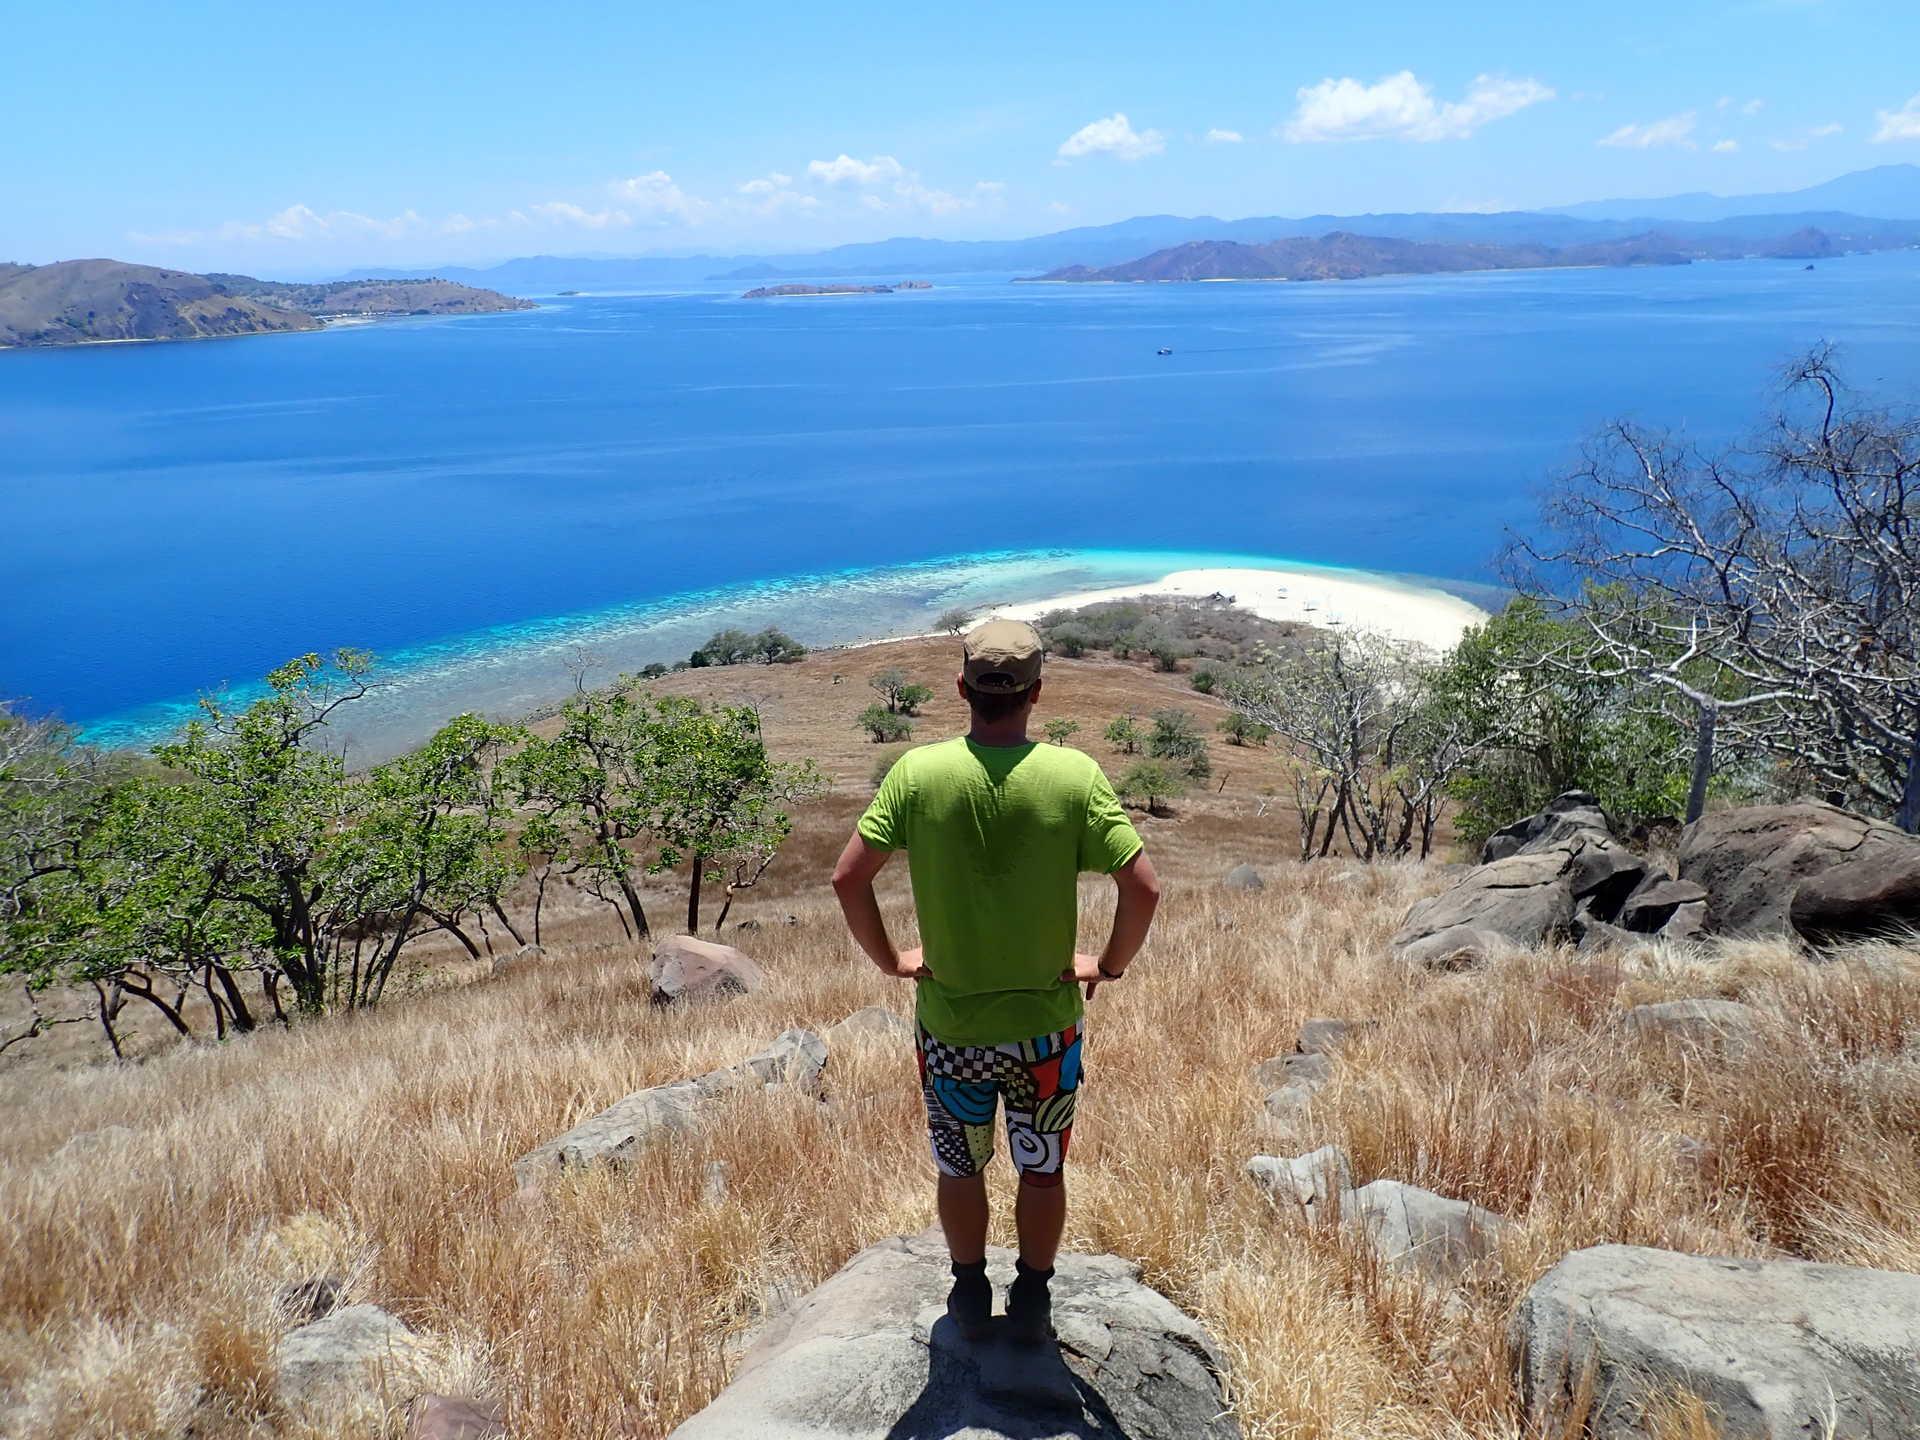 Point de vue sur les îles de l'archipel de Komodo, Florès, Indonésie